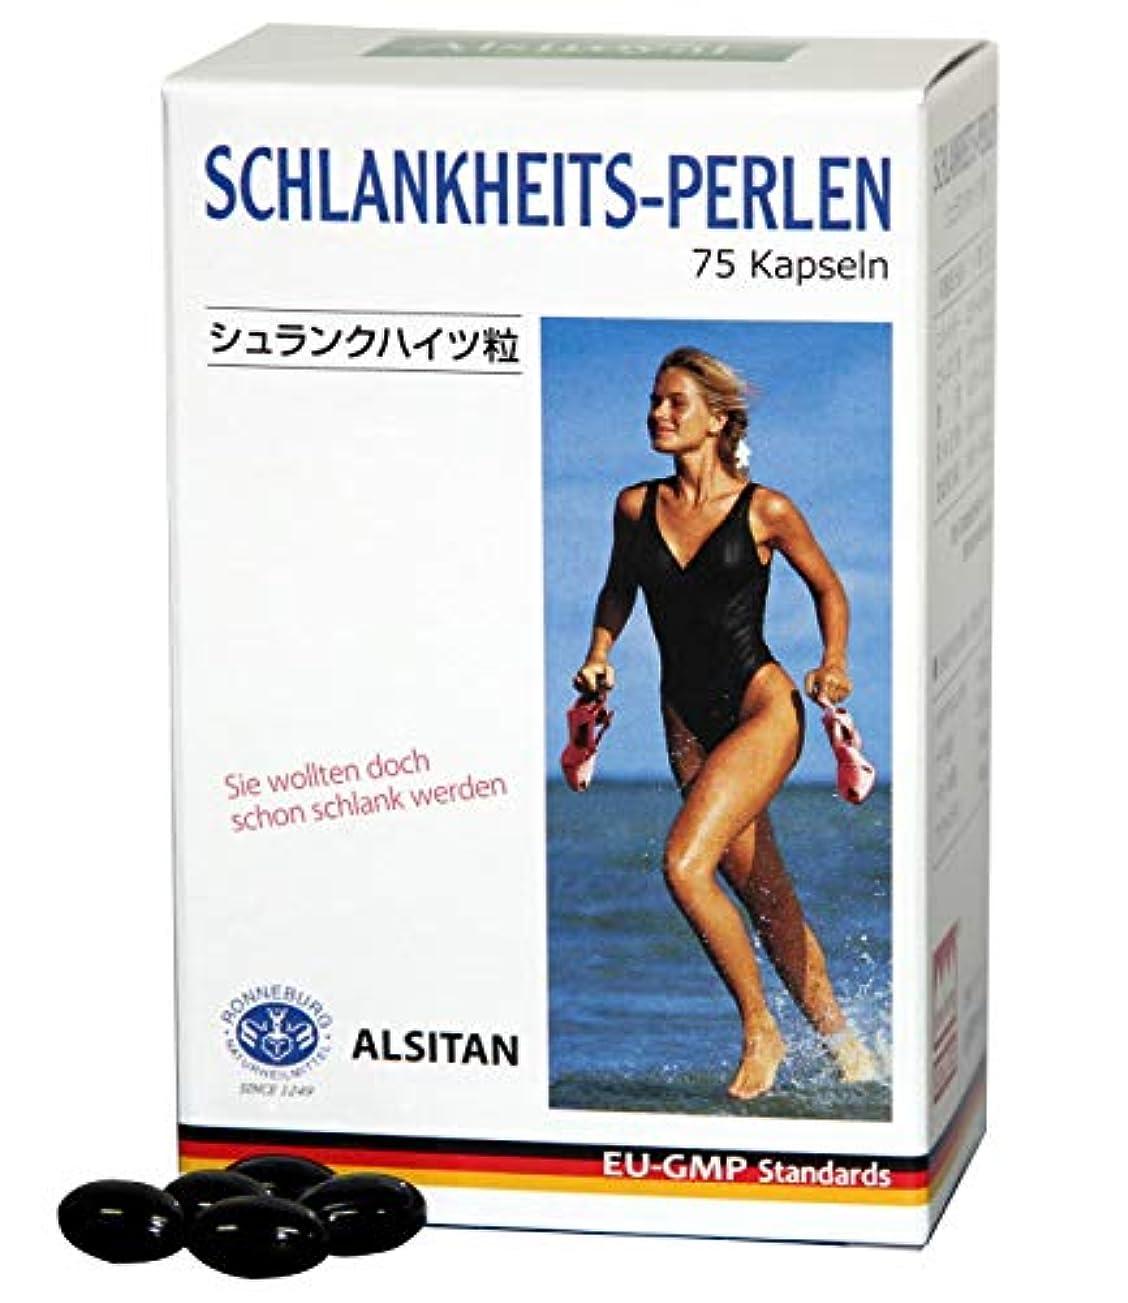 アドバイス入場メダルシュランクハイツ粒 ダイエットサプリメント 4箱セット 300粒 増量新箱